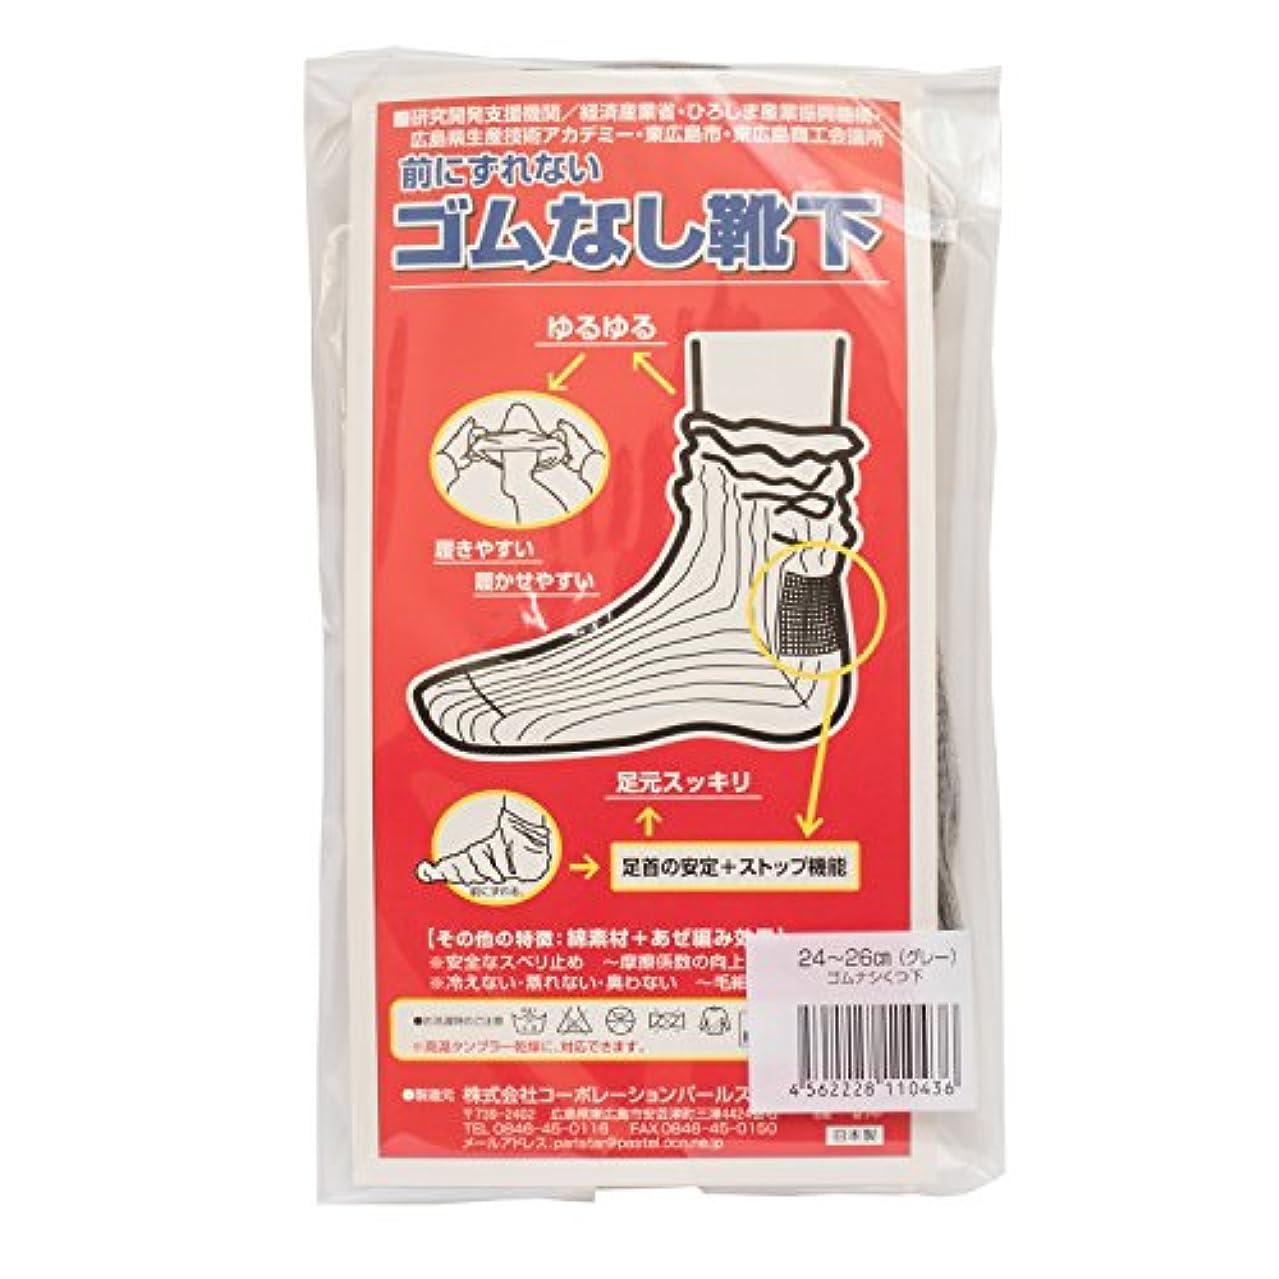 へこみ明確な伝染性のコーポレーションパールスター 前にずれない ゴムなし靴下 グレー 24~26cm